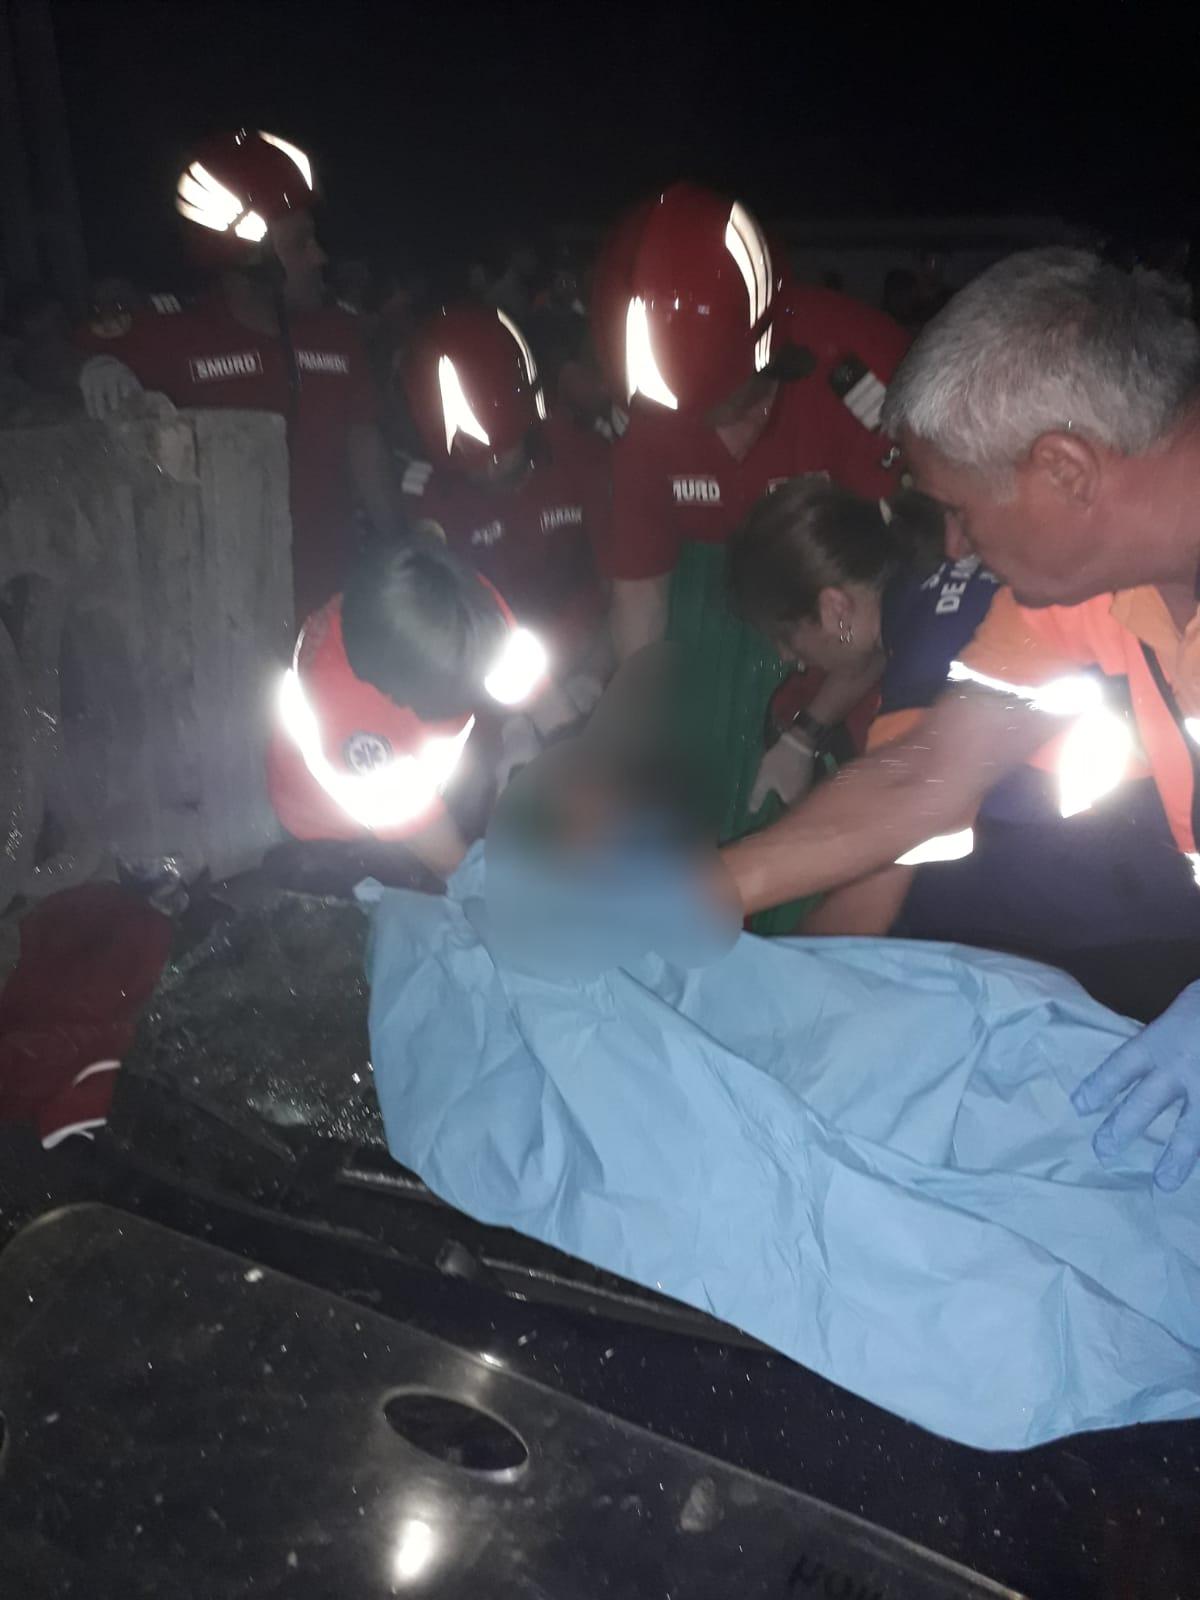 Două accidente grave pe șoselele din Teleorman. La Contești, cinci tineri au ajuns la Spital, iar la Peretu, patru persoane au fost rănite